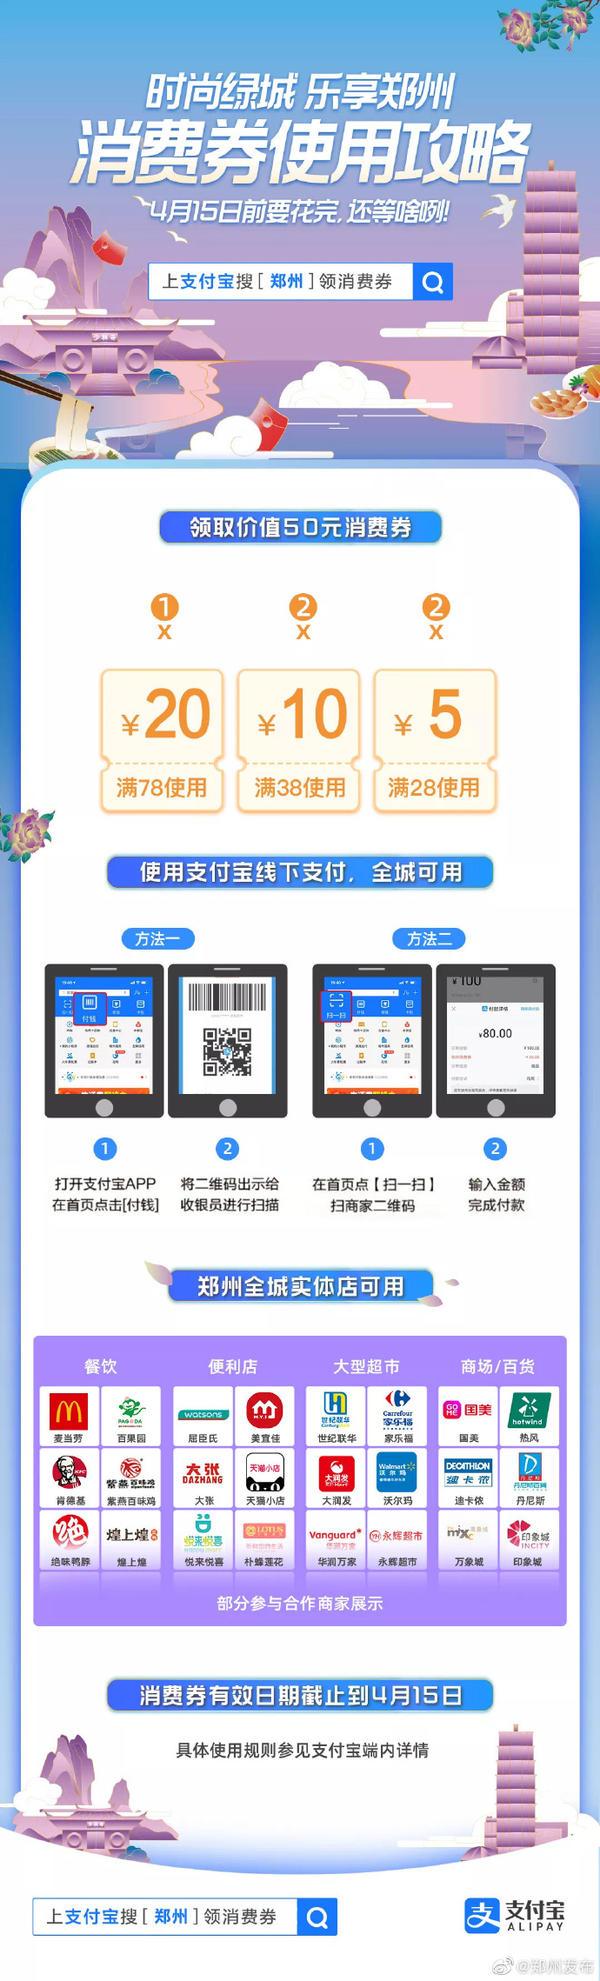 『民生』郑州消费券已带动消费金额1.28亿元